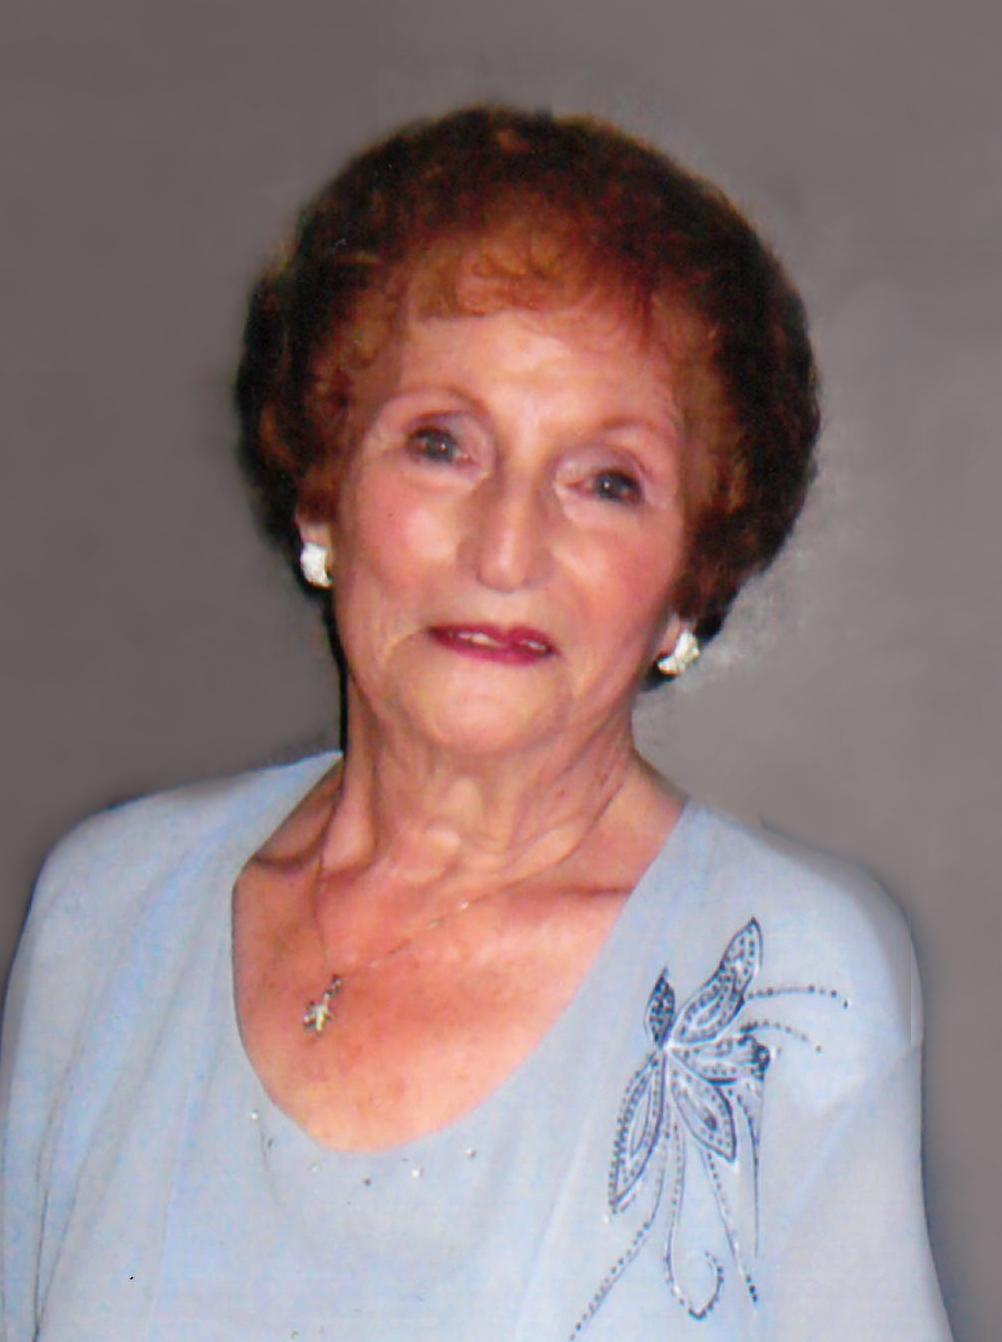 Obituary: Anna Mae Thomas Adored Music